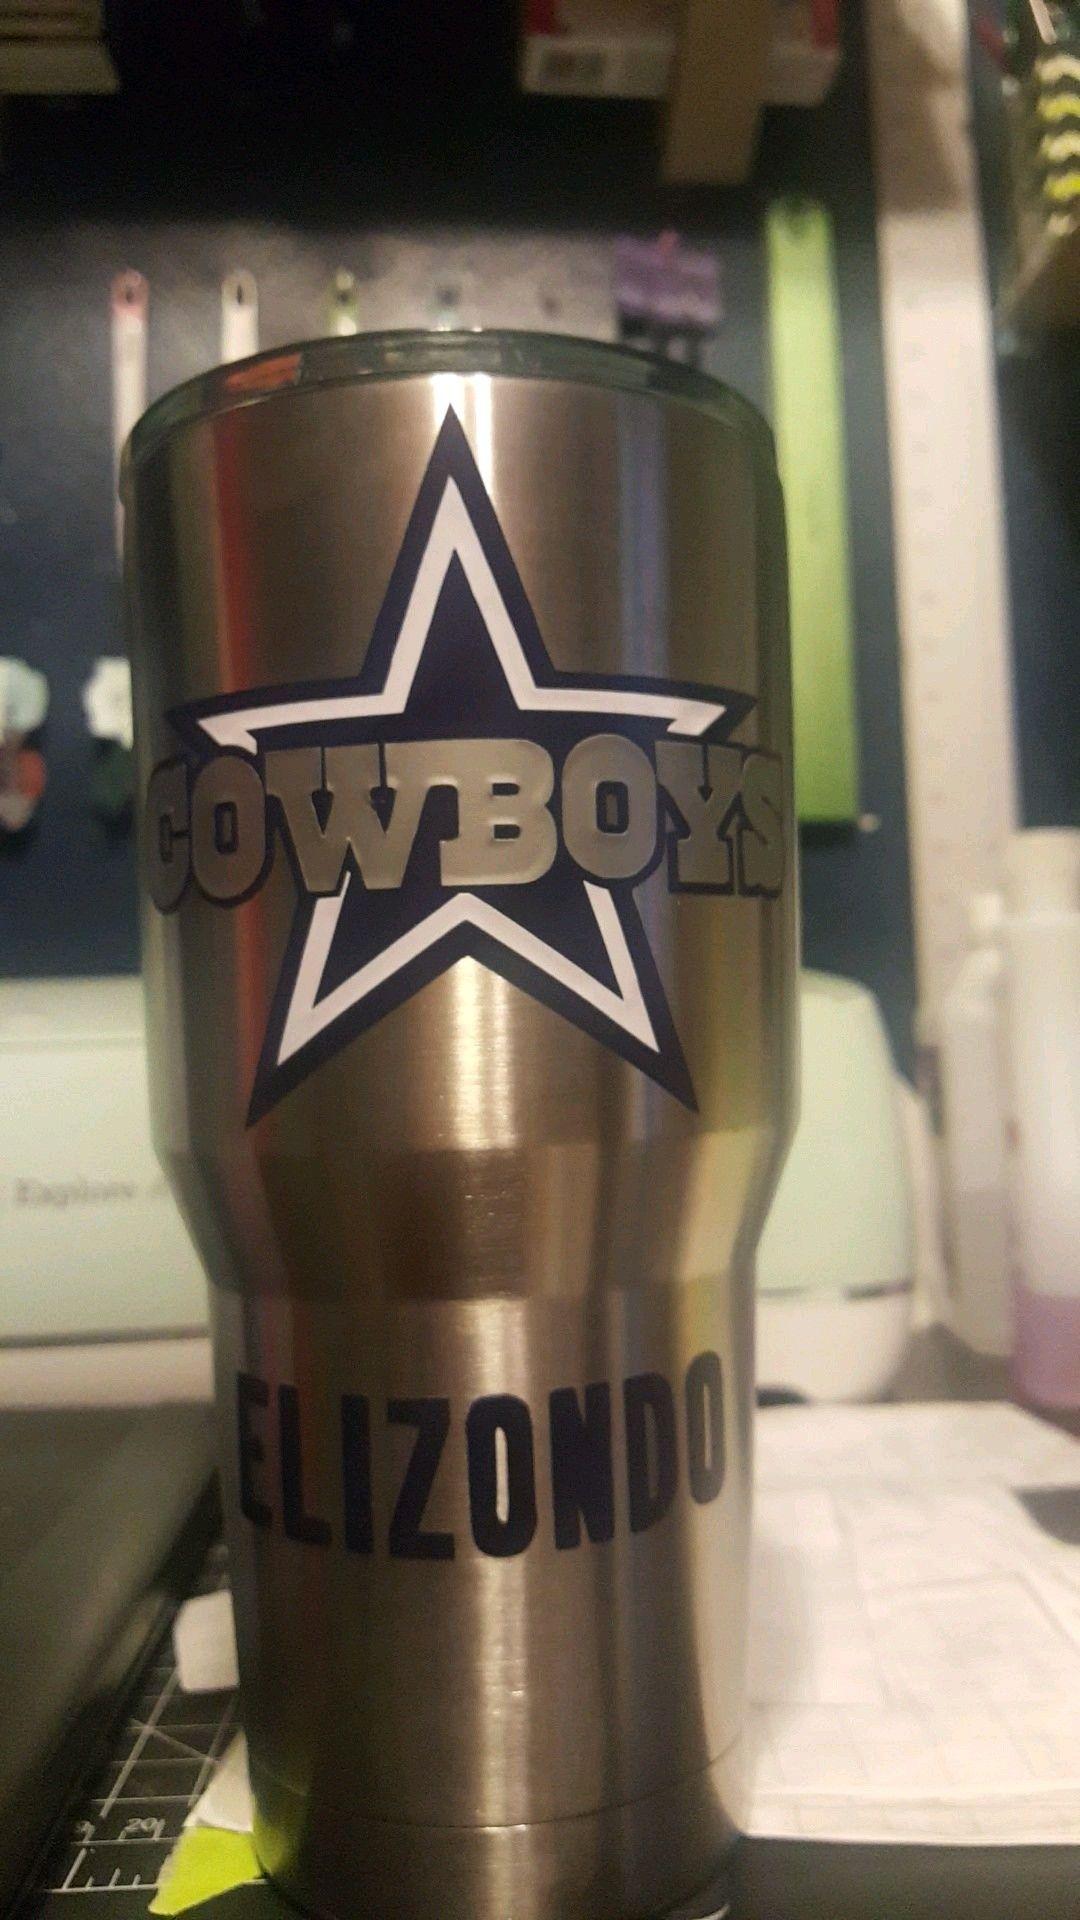 Cowboys logo in cricut white, navy blue and silver vinyl